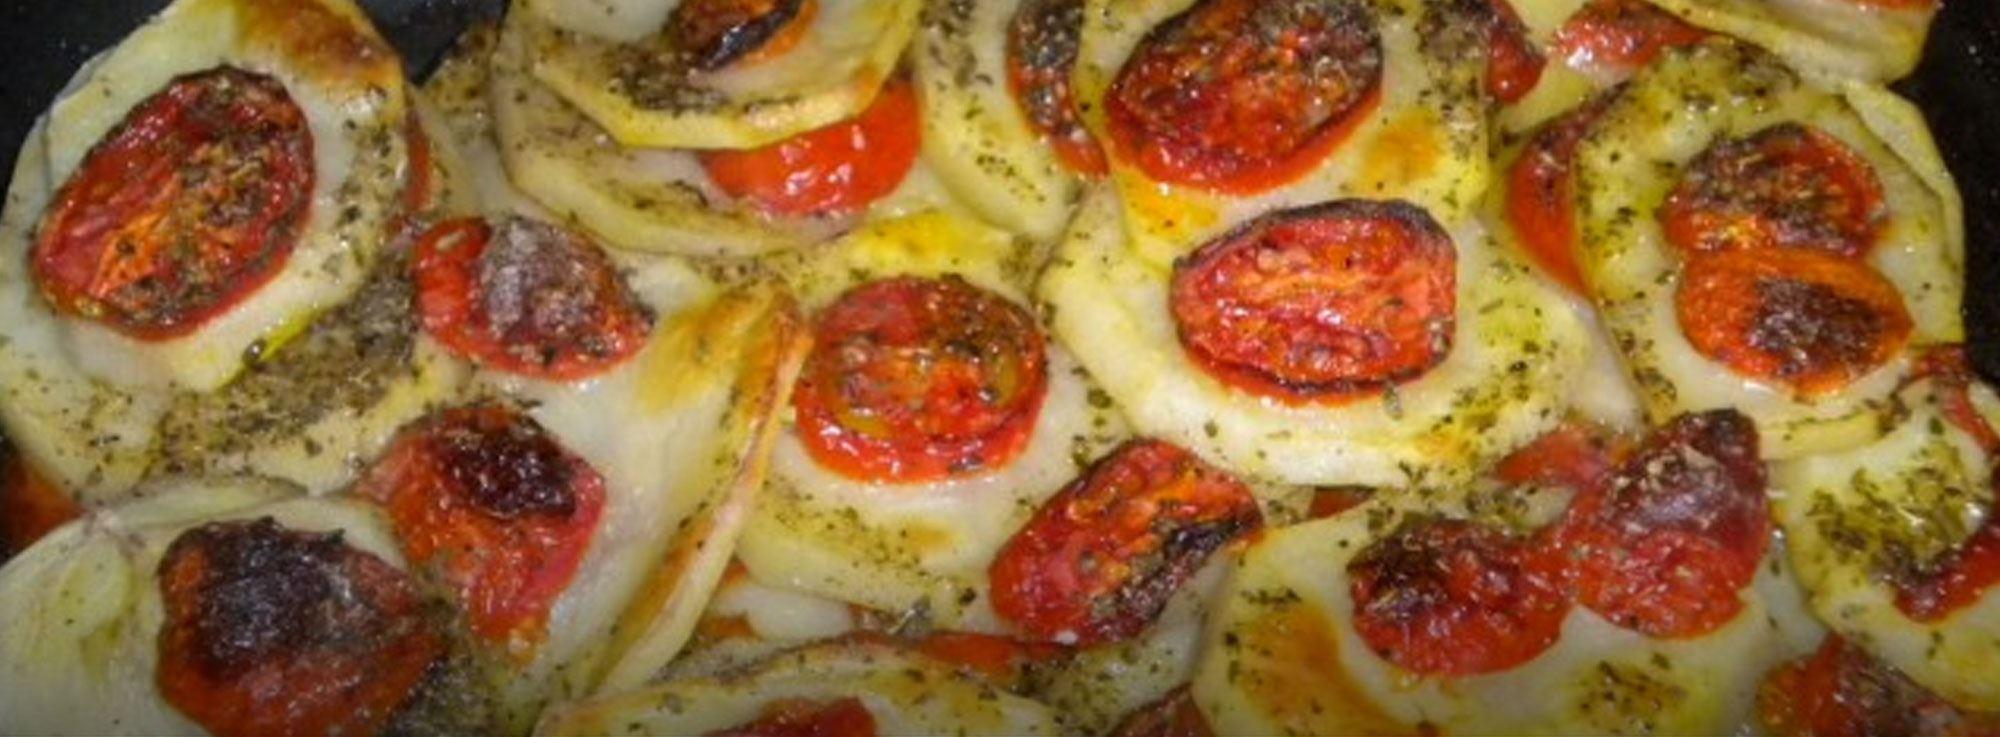 Ricetta: Teglia di patate e pomodori agli aromi